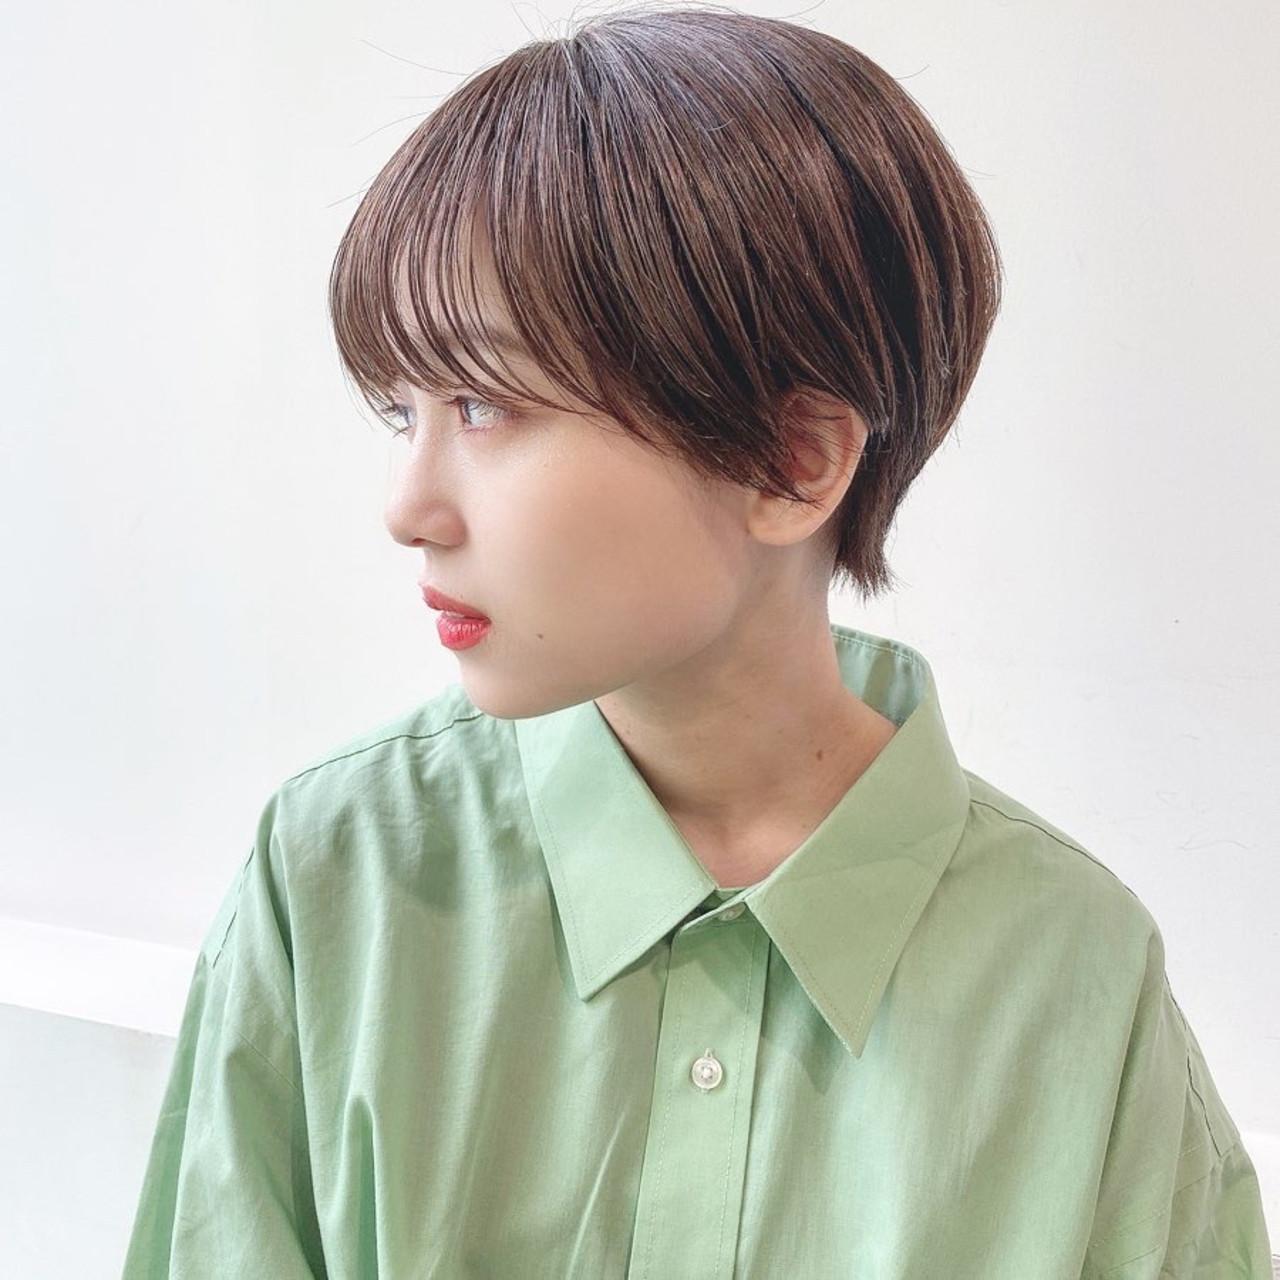 ショートヘア ショート グレージュ ショートボブ ヘアスタイルや髪型の写真・画像 | 矢野佑太郎 / GARDEN harajuku